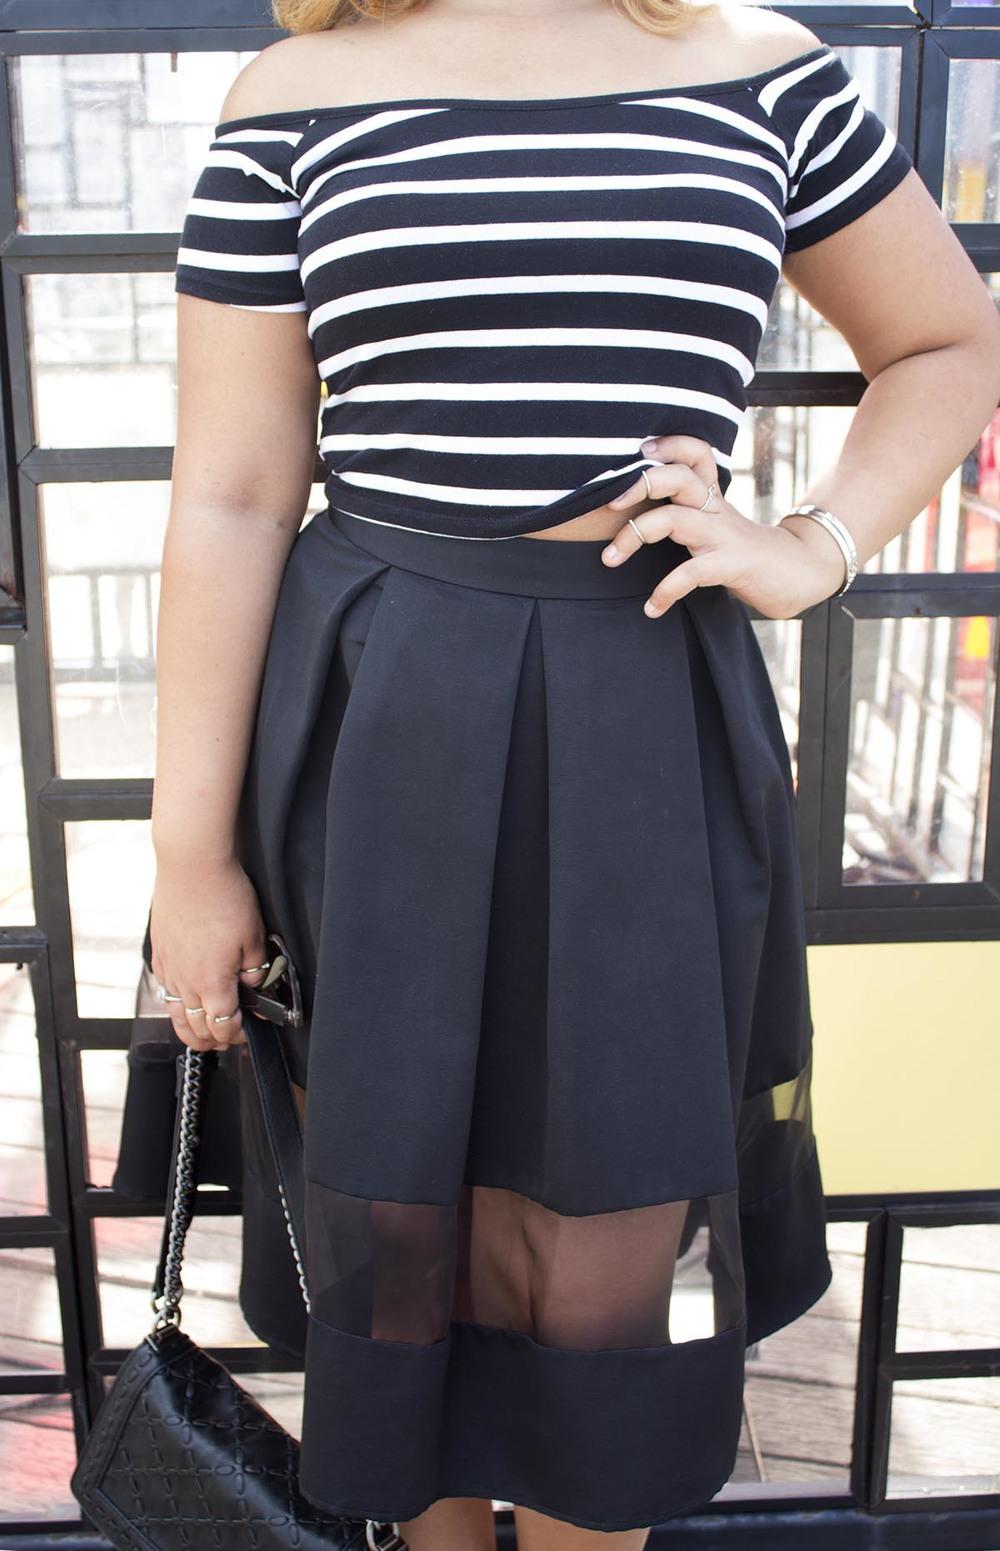 Krity S_black midi skirt classy4.jpg